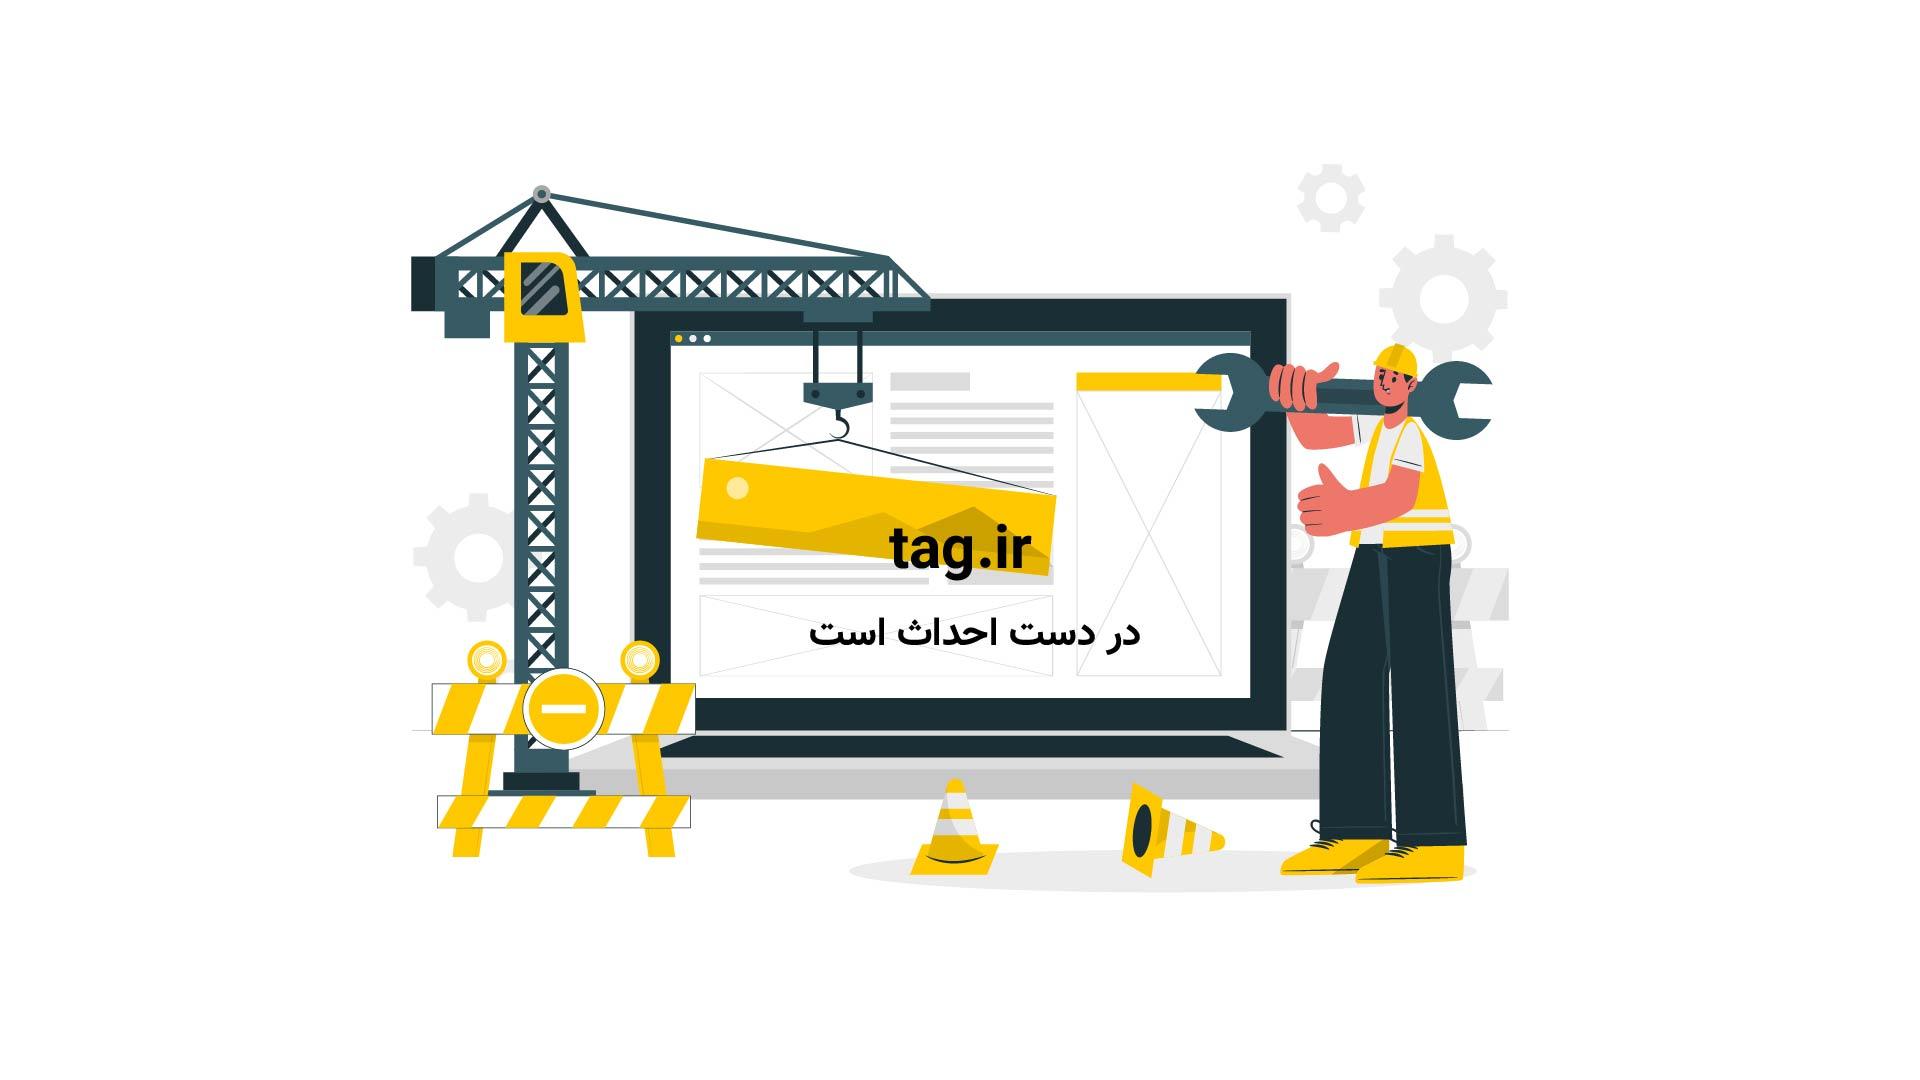 تست تصادف مرسدس بنز کلاس E سال ٢٠١۶ | فیلم